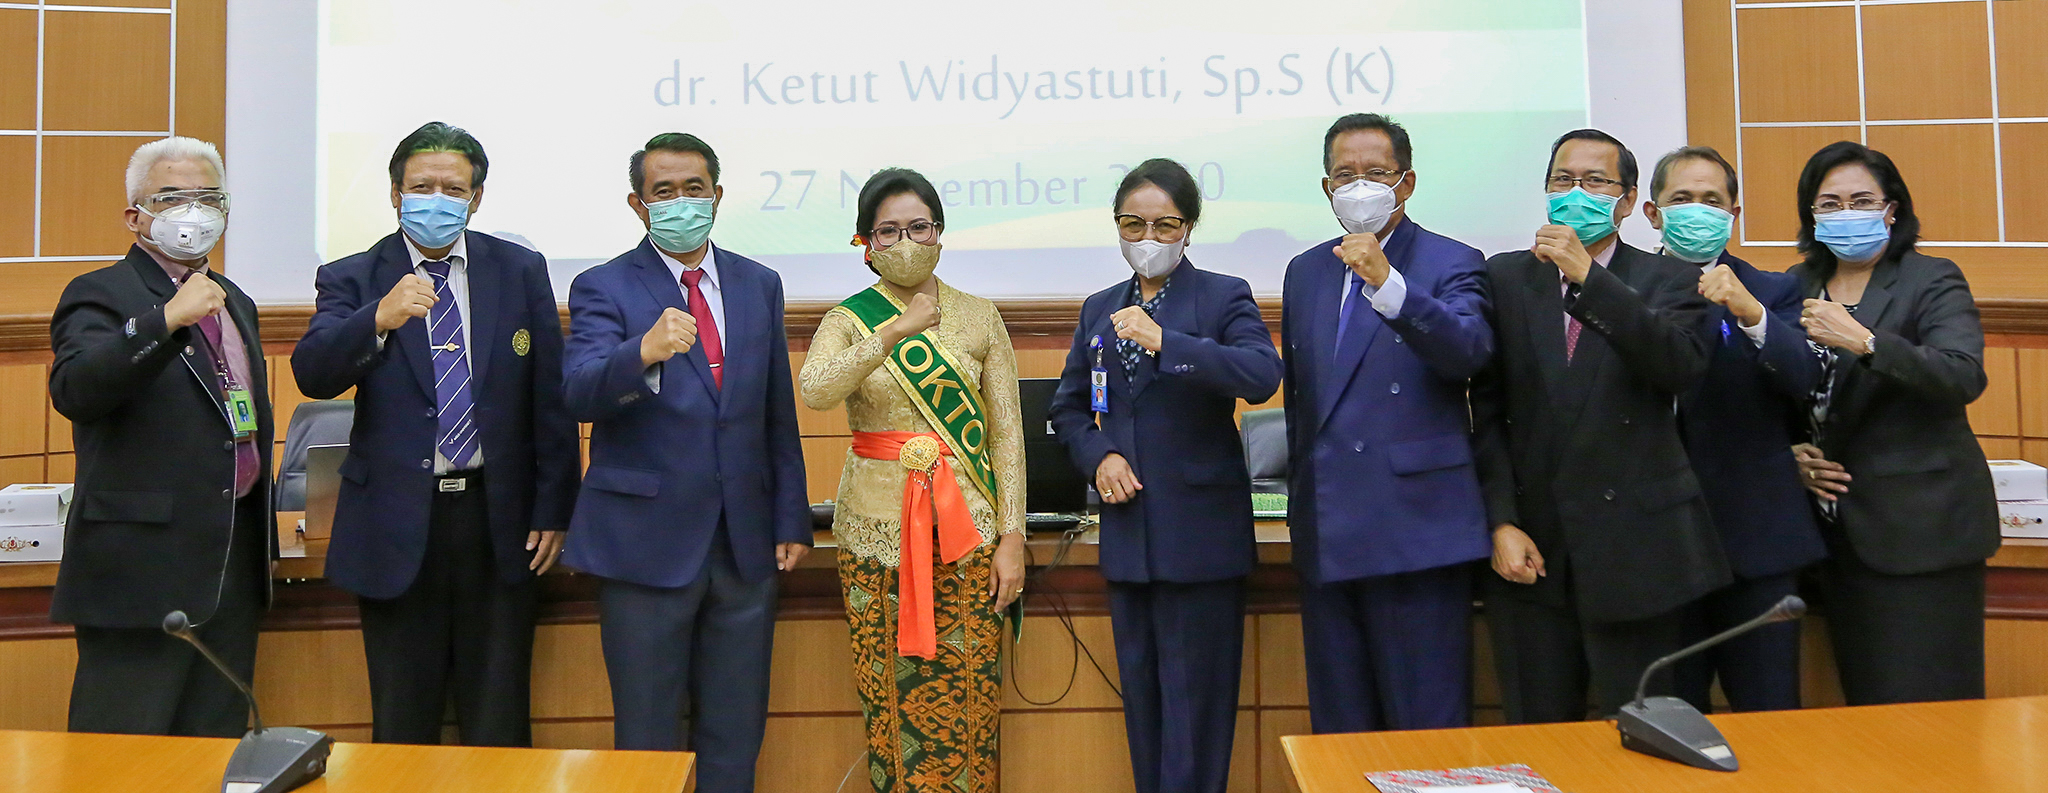 Ujian Daring Promosi Doktor dr. Ketut Widyastuti, Sp.S(K)